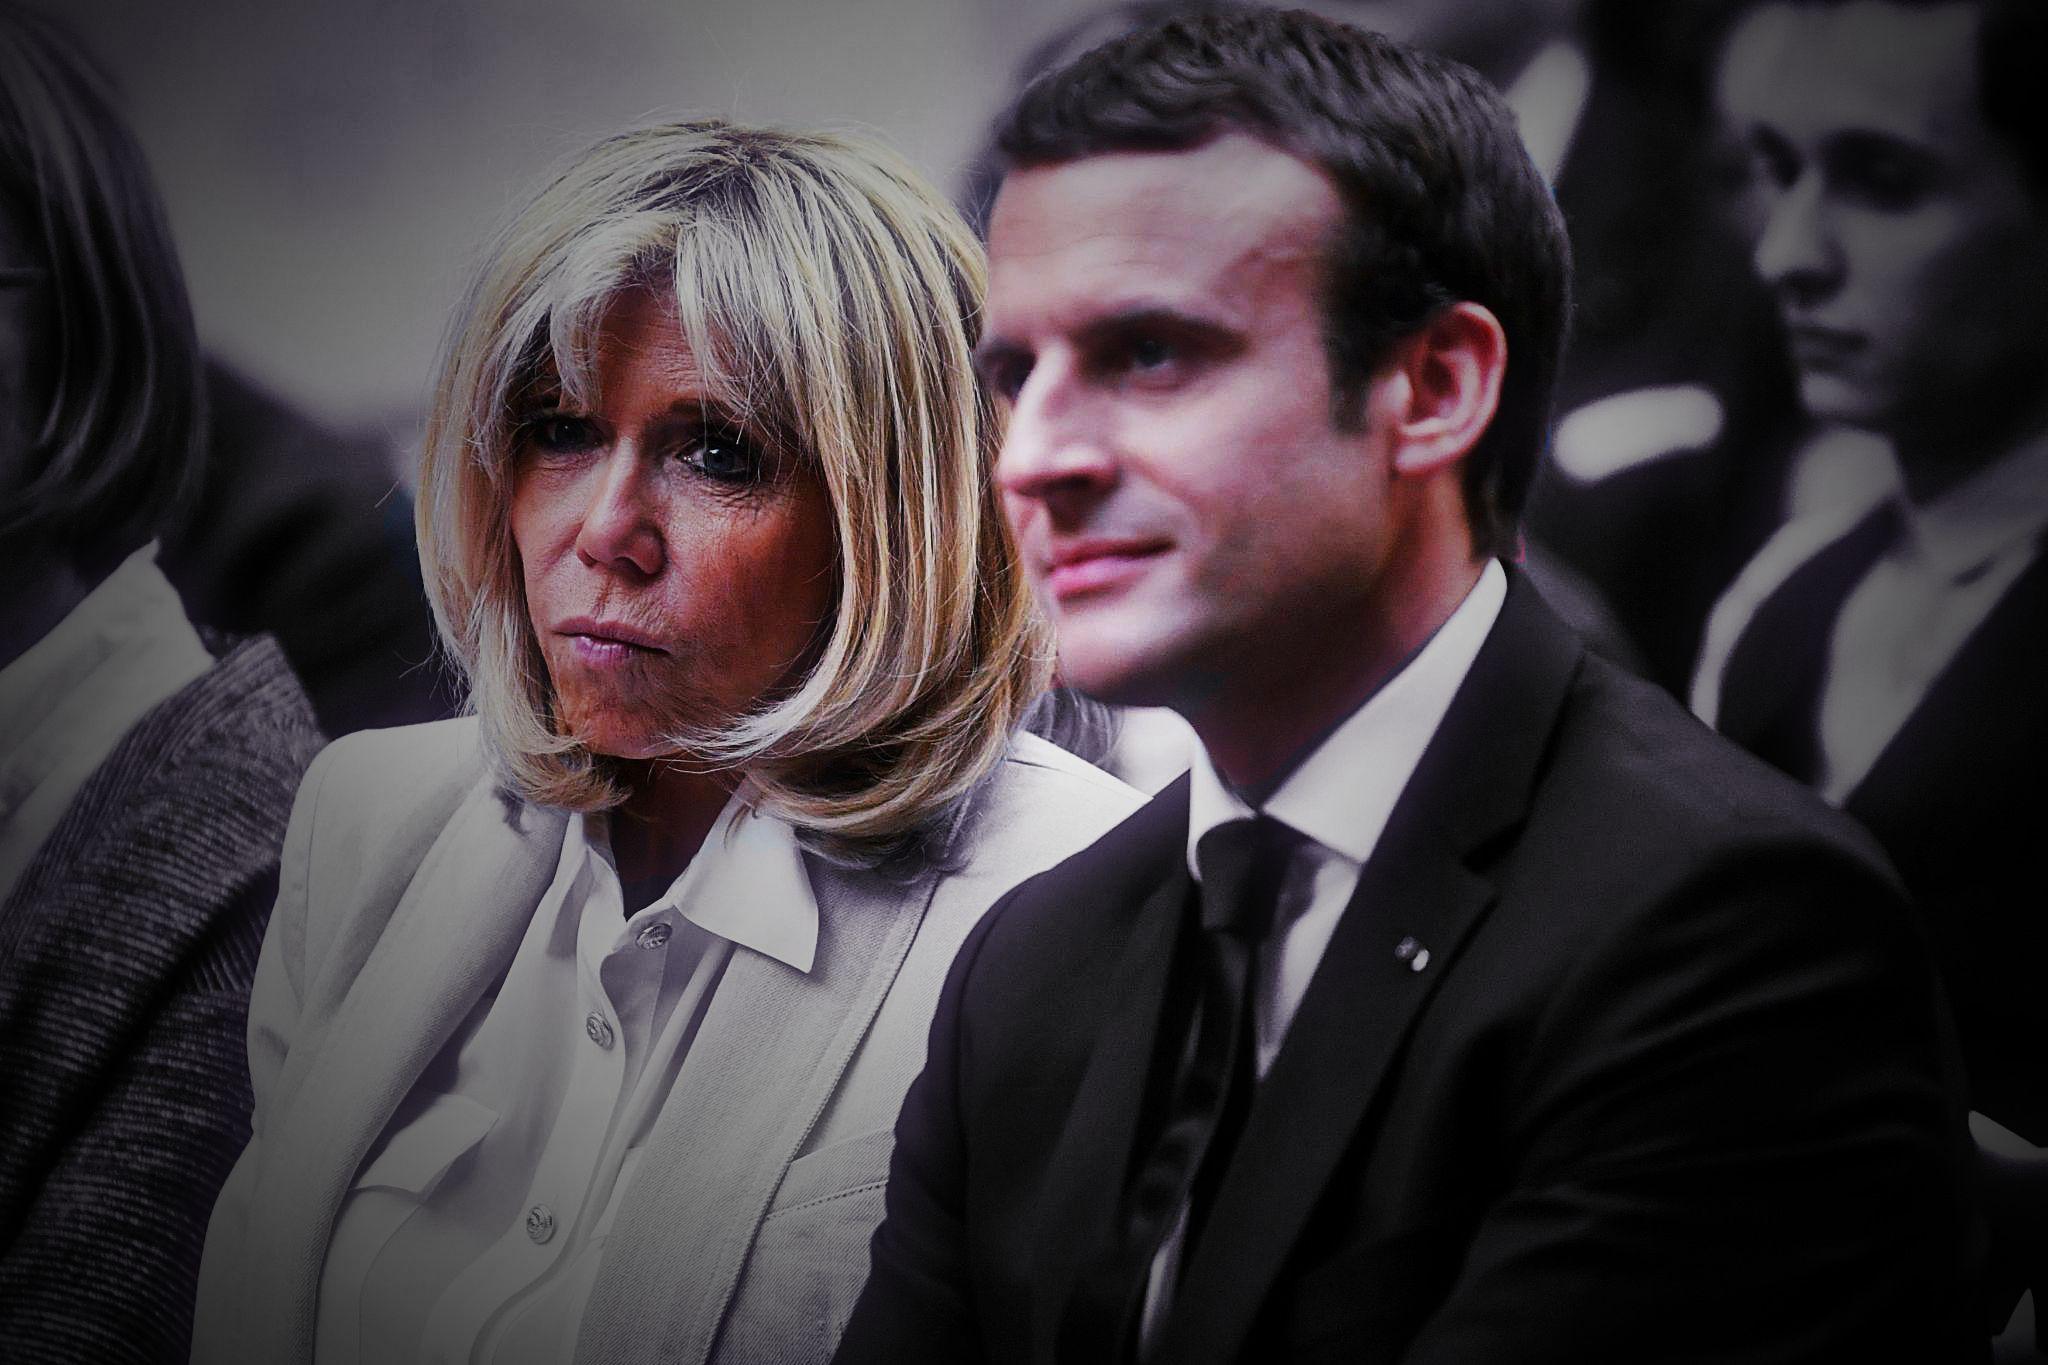 Francuzi w szoku! To co zrobiła Brigitte Macron nie mieści się im w głowach